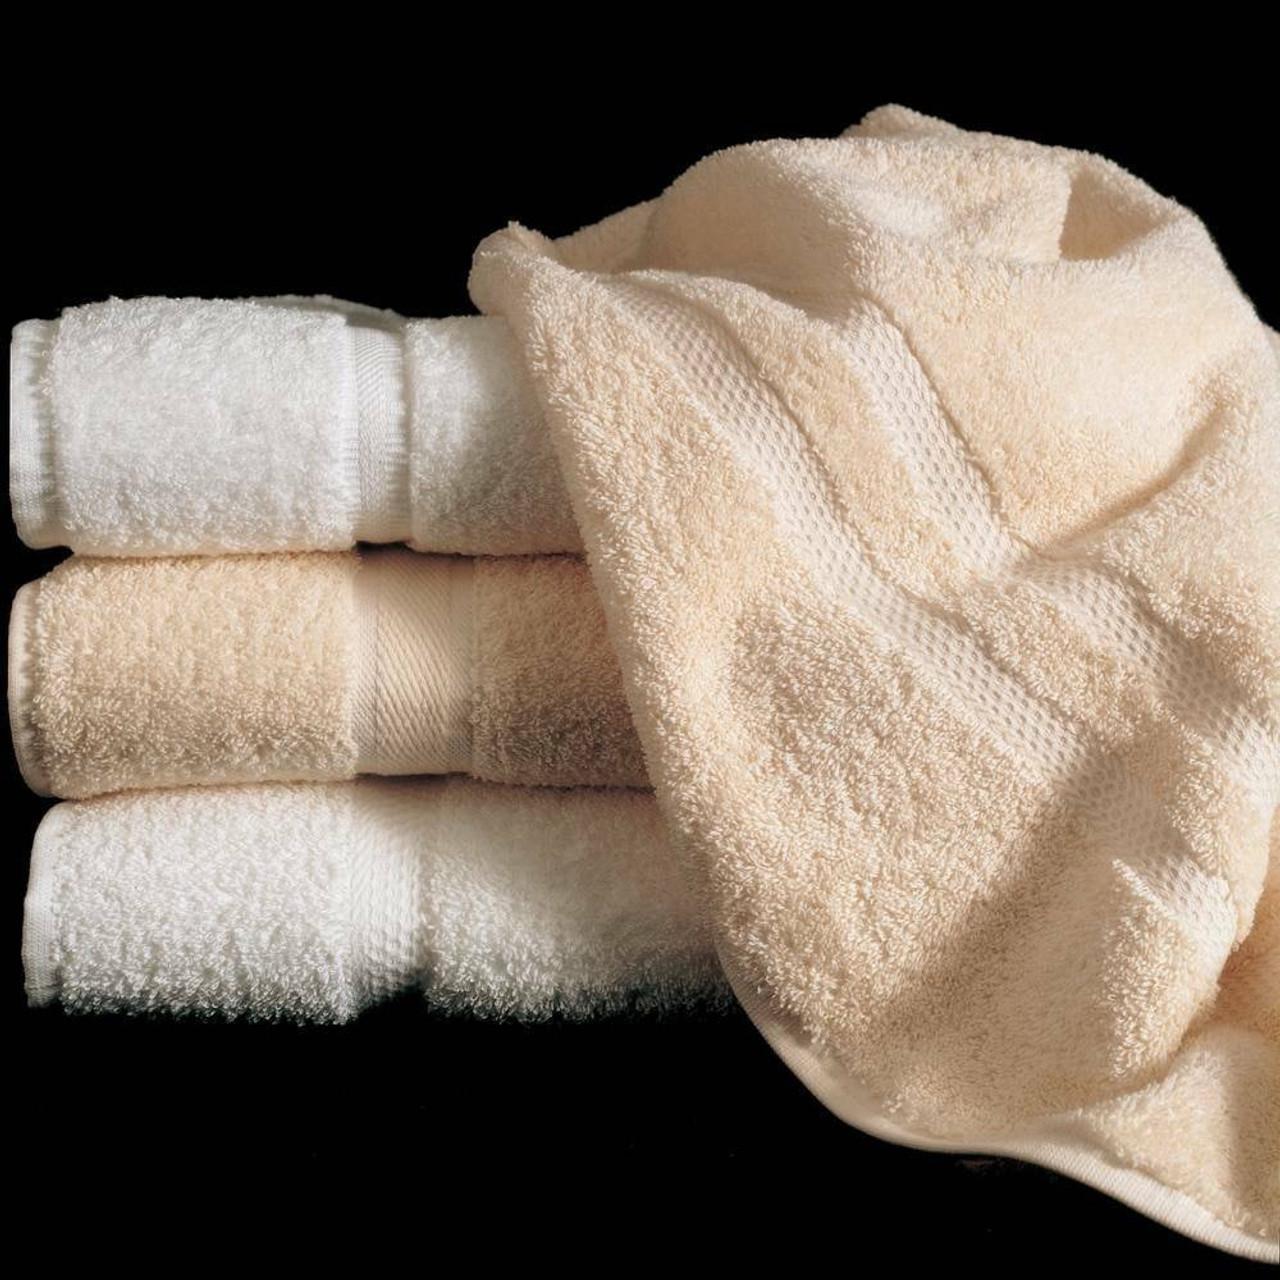 WestPoint/Martex Sovereign Bath Towels by Martex / WestPoint